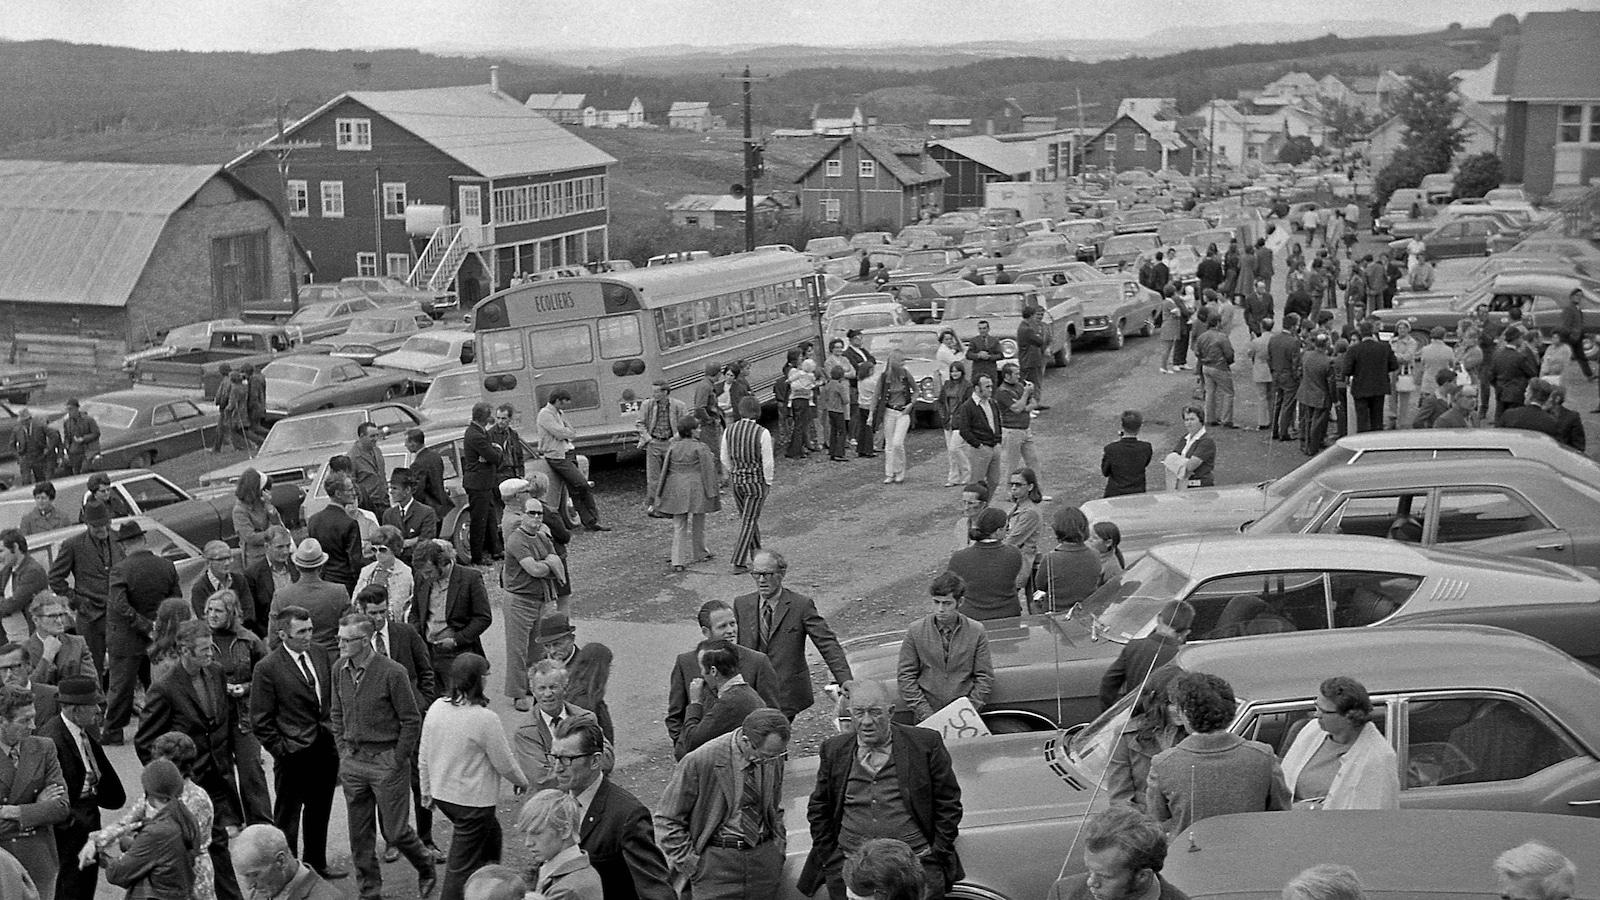 Une photo en noir et blanc de personnes qui sont dans une rue d'un village et se rassemblent. Des voitures sont stationnées à droite.